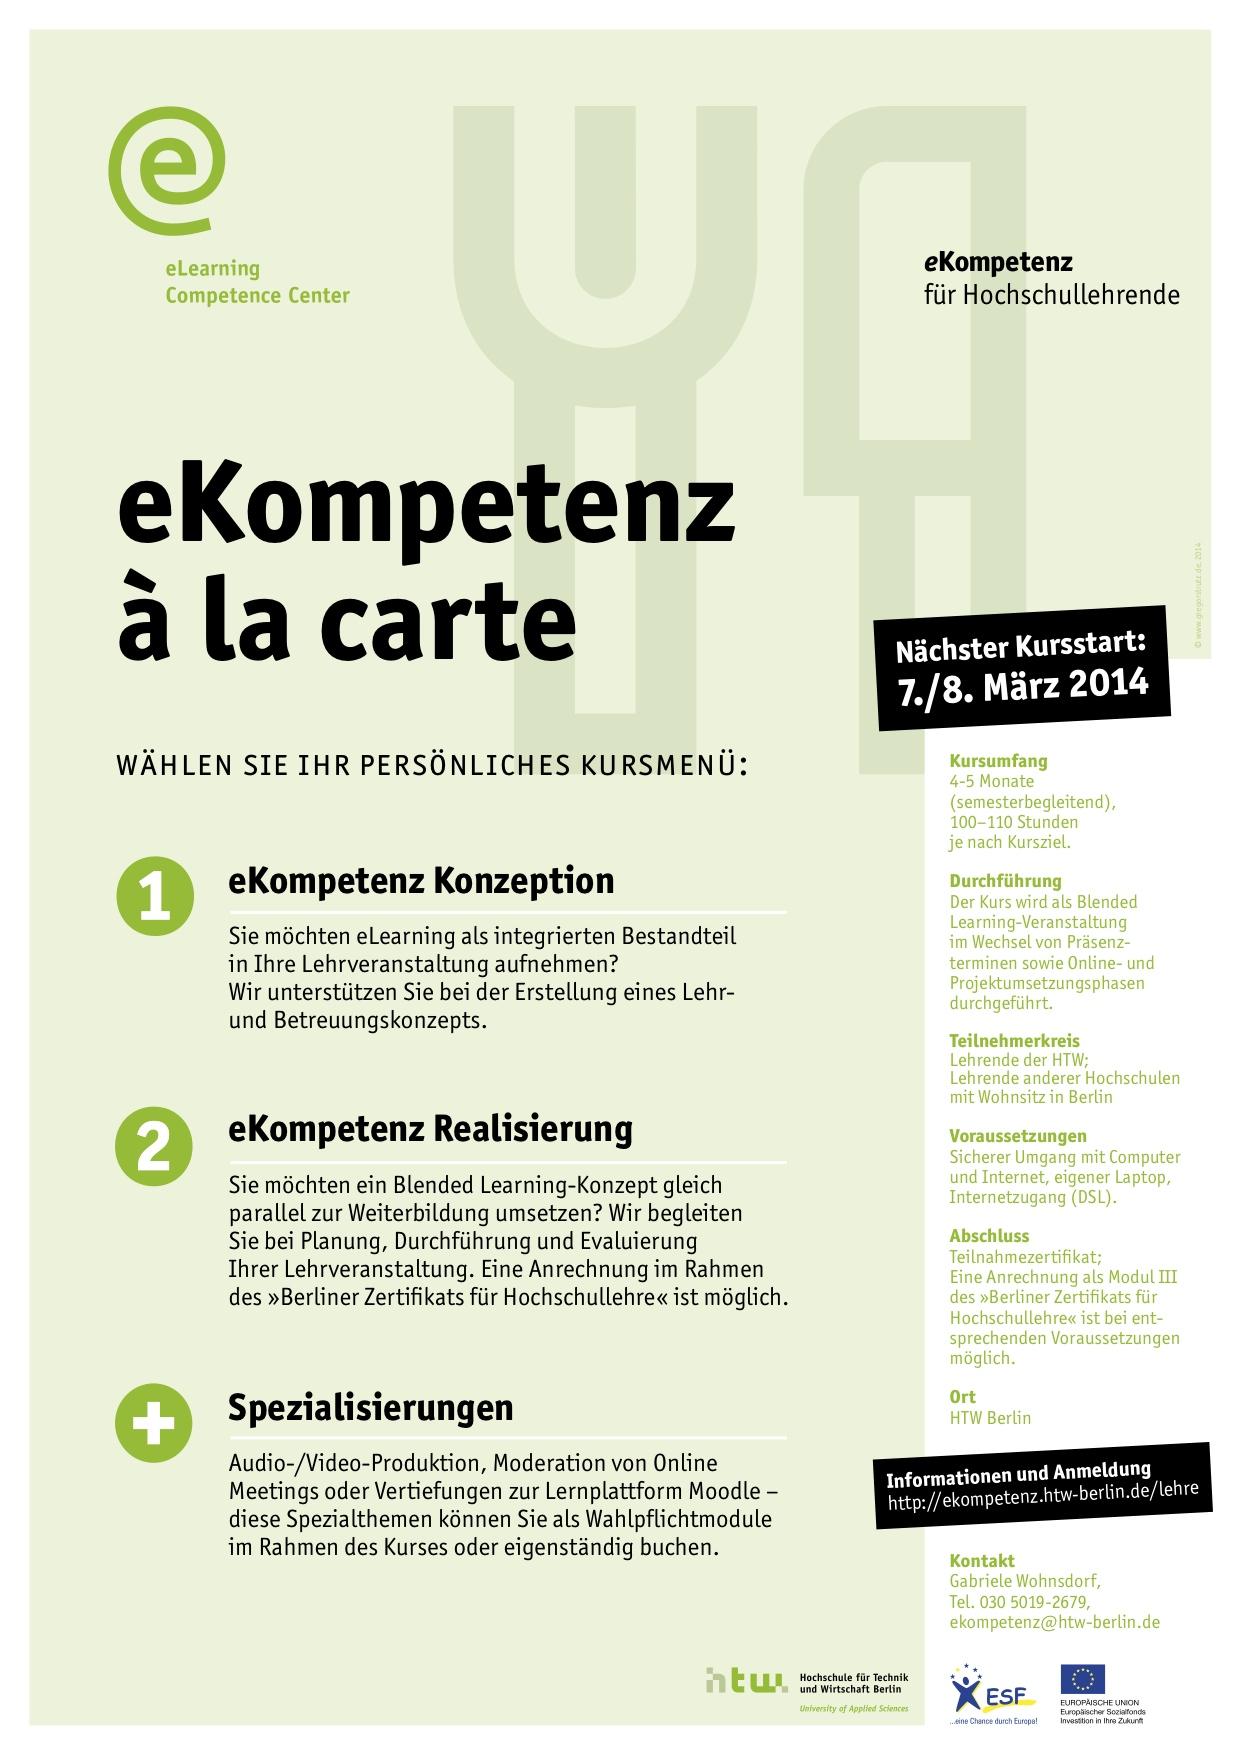 Ab März: eKompetenz-Weiterbildung für Lehrende an der HTW Berlin